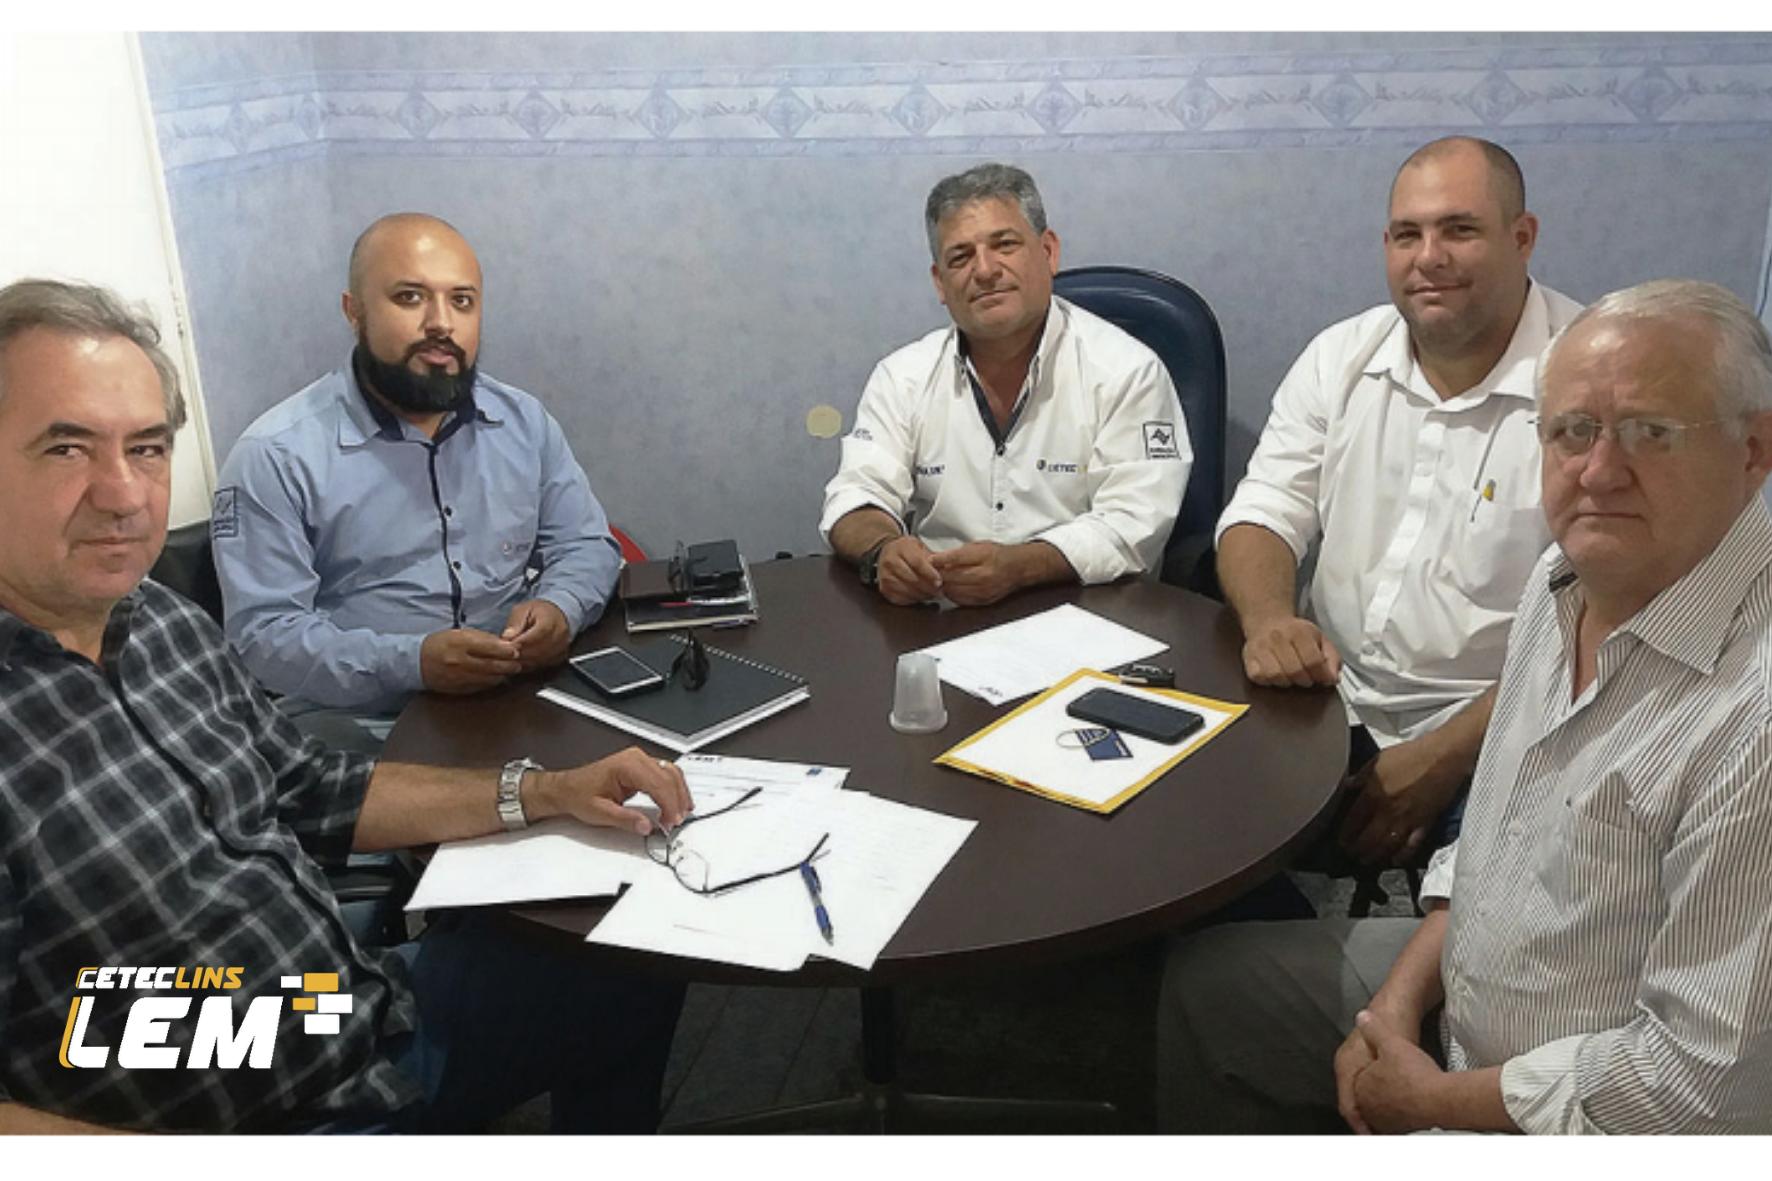 Prefeitura de Guaíra vai contratar o CETECLins para auditar qualidade do recape asfáltico